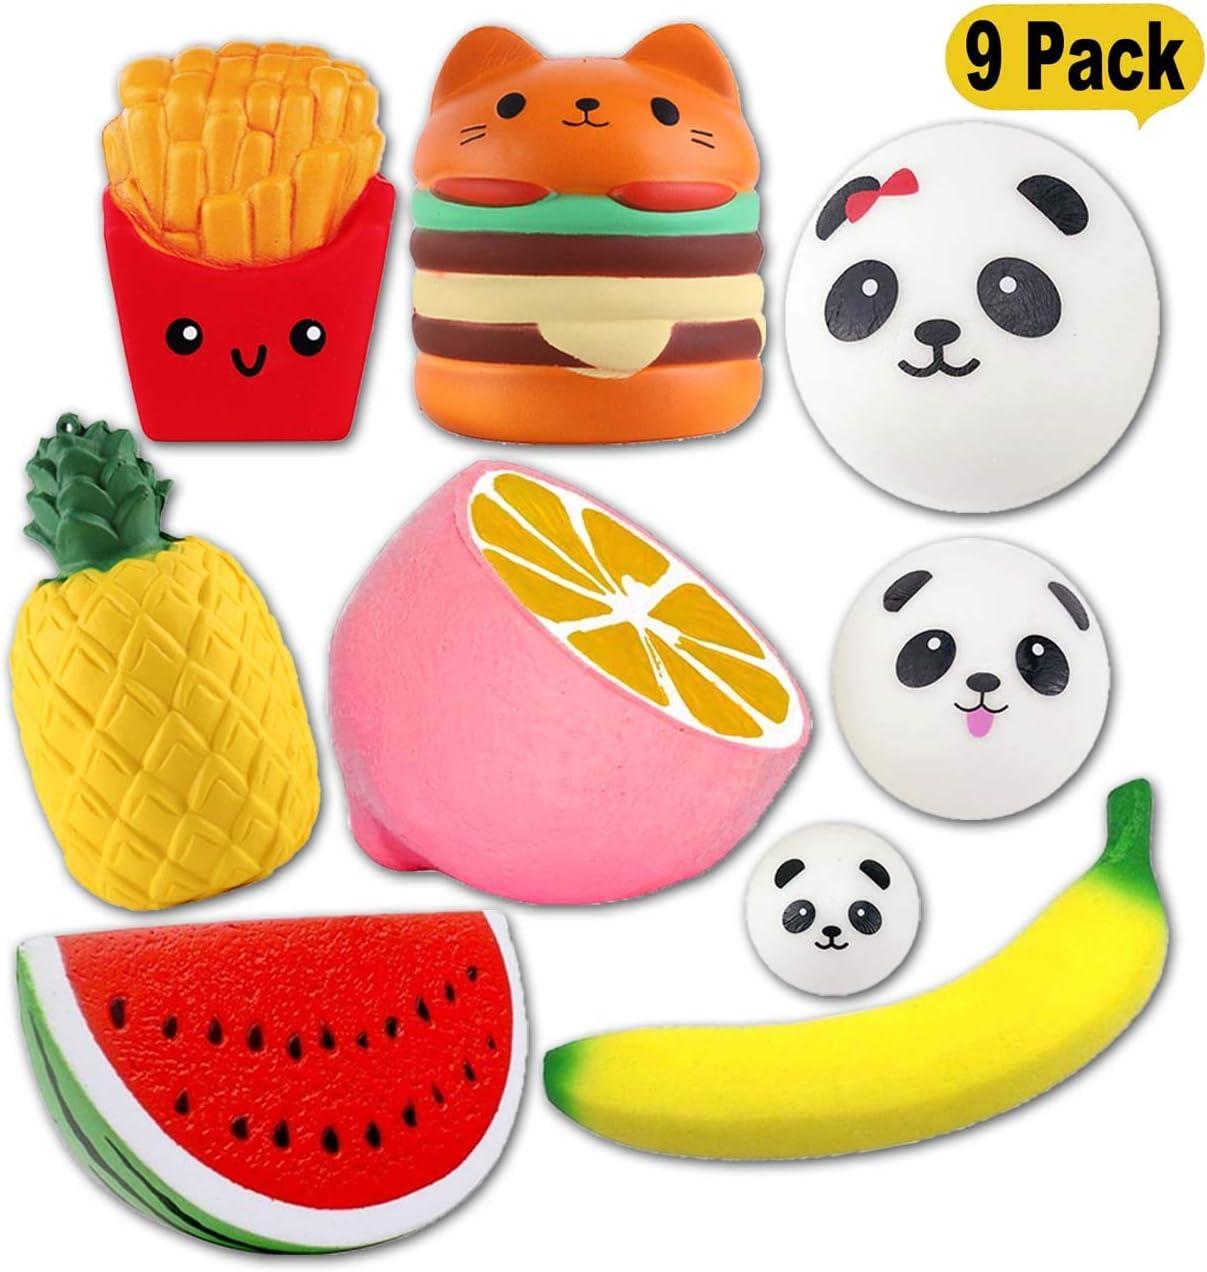 Bothink 9 Paquetes Squishies Lenta Creciente Grande Squishy Juguetes Kawaii Squishys Stress Reliever Toys Squeeze Juguetes para Niños y Adultos: Amazon.es: Juguetes y juegos